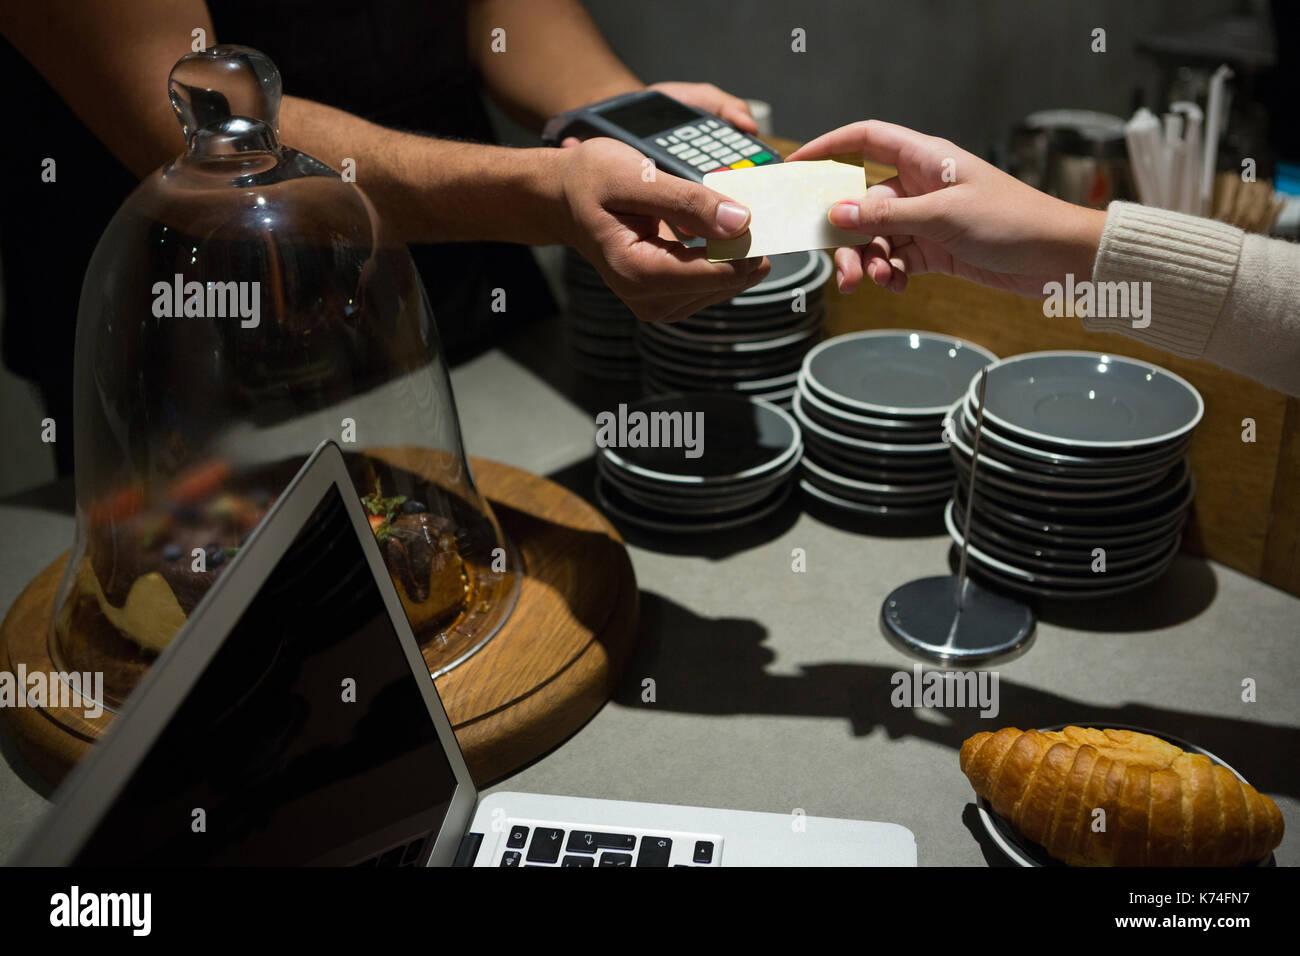 Kunden die Zahlung durch Kreditkarte an der Theke im Restaurant Stockfoto